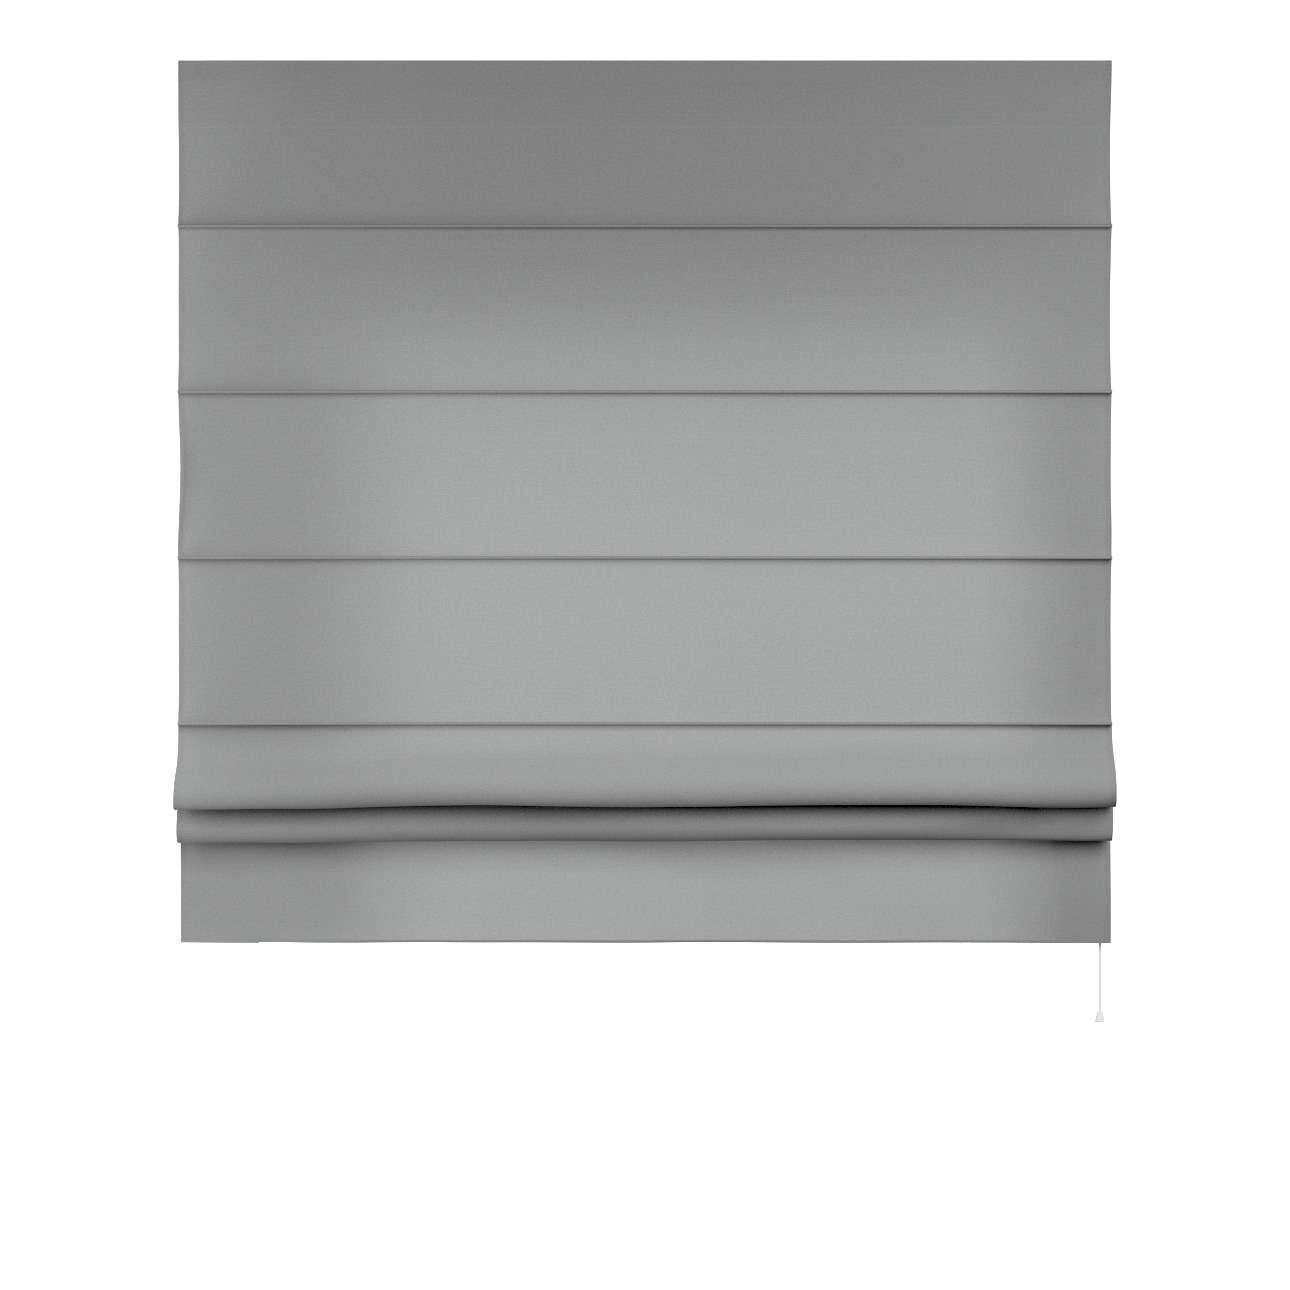 Romanetės Padva 80 x 170 cm (plotis x ilgis) kolekcijoje Loneta , audinys: 133-24